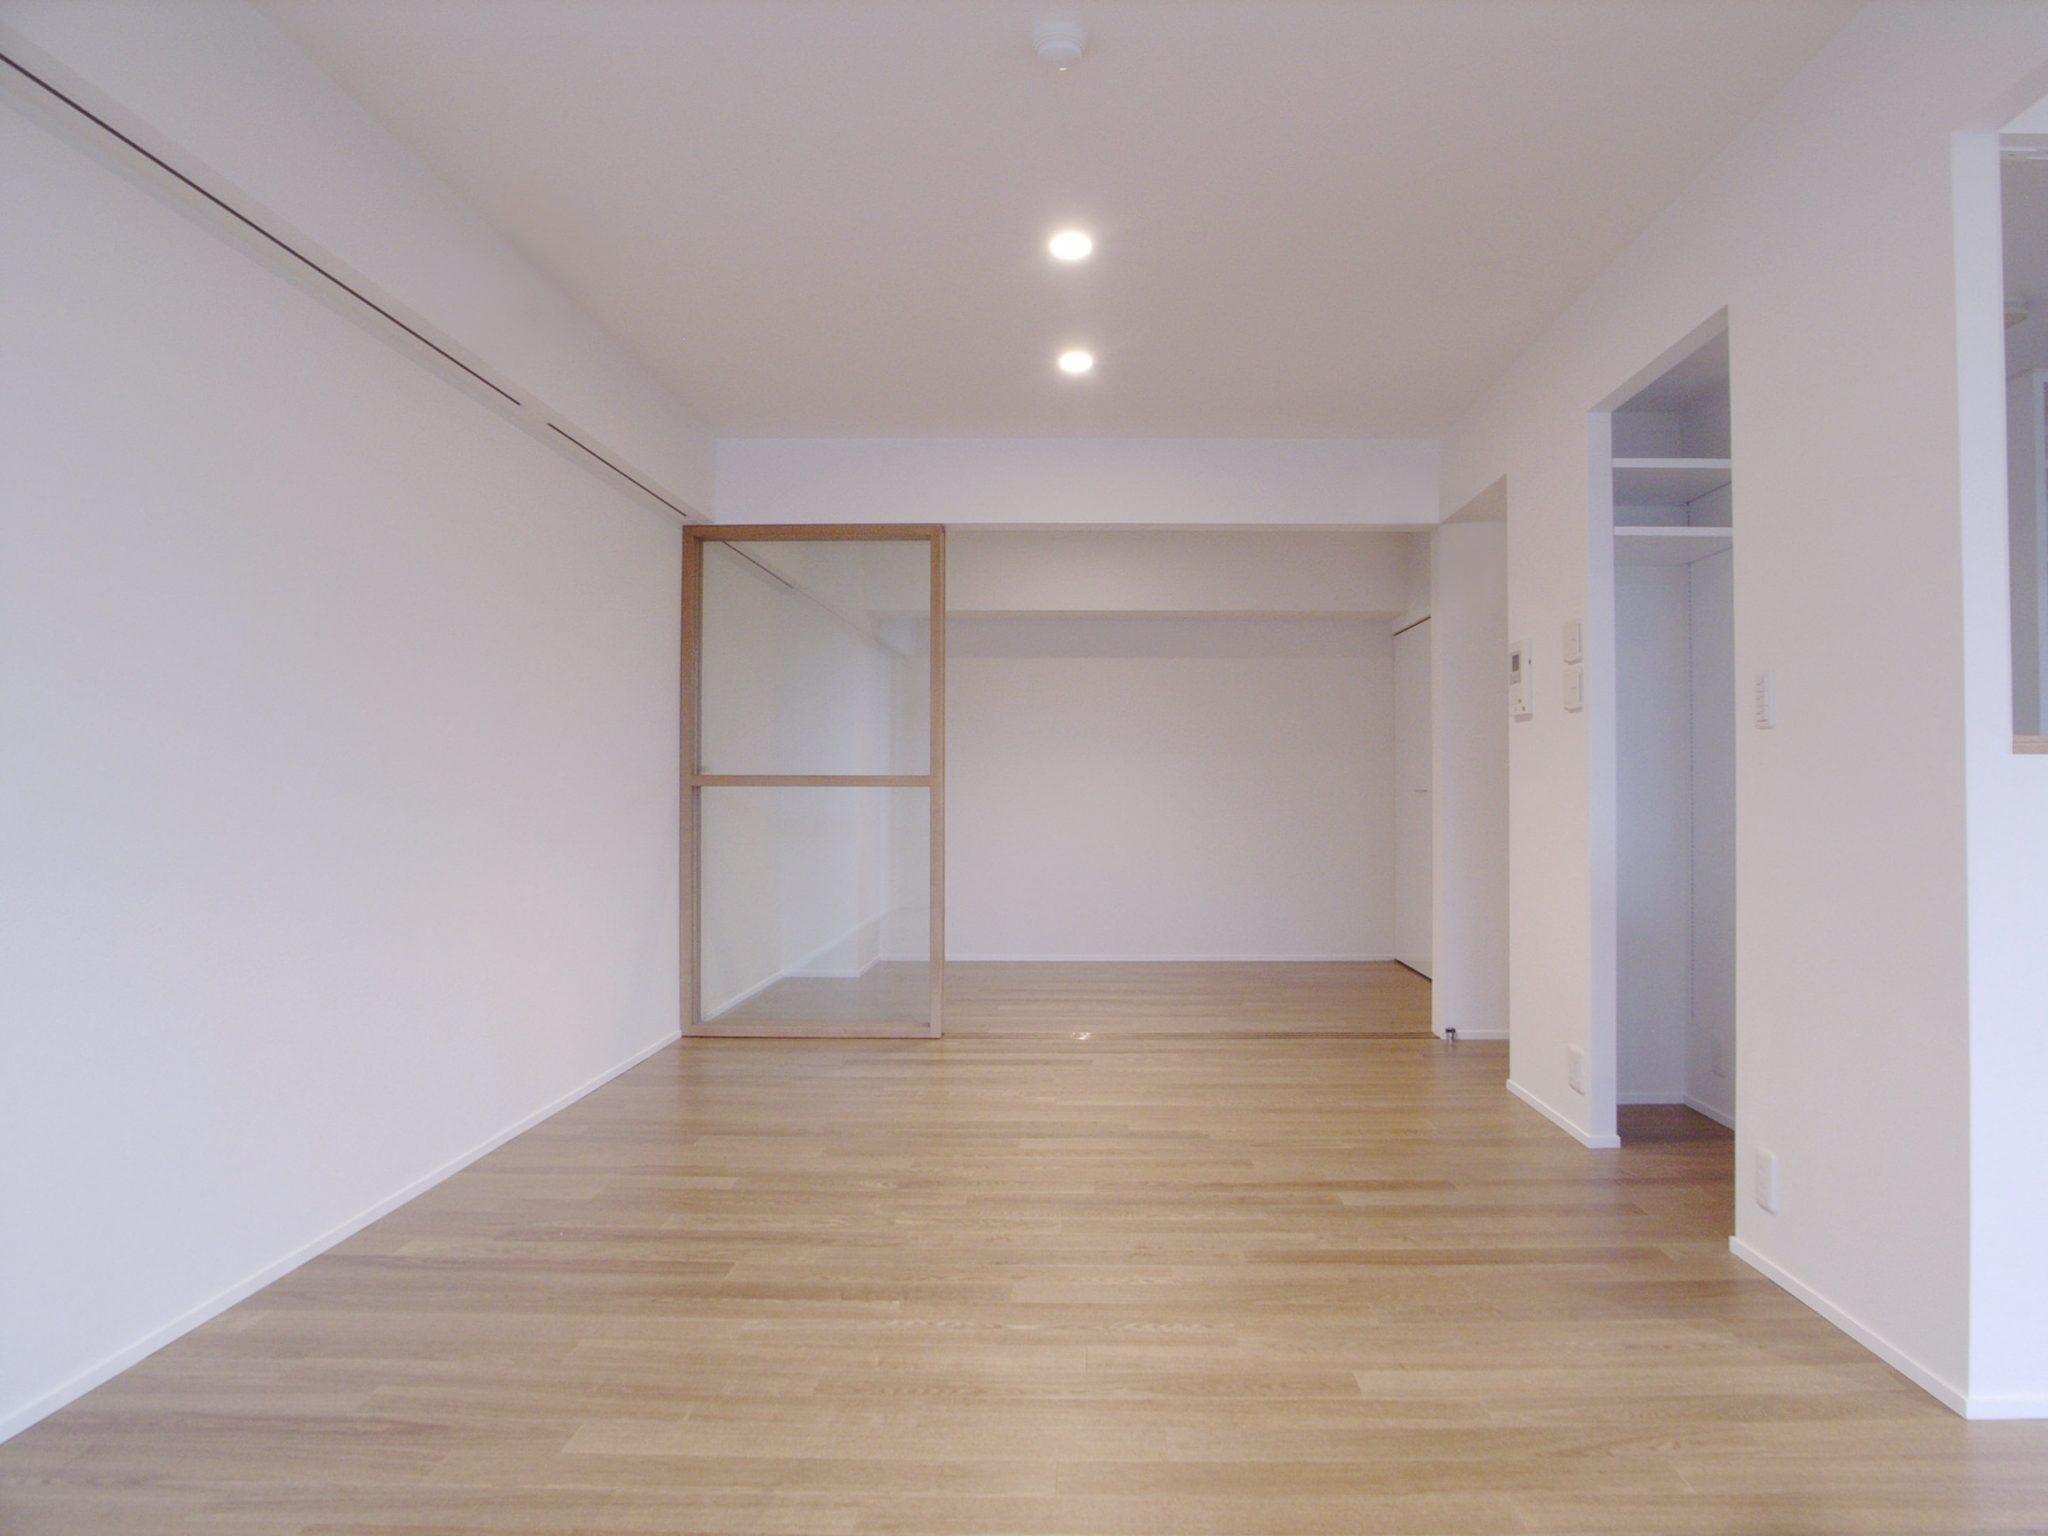 武蔵小杉の住戸 -リノベーション-|Residence in Musashikosugi by the renovation-02